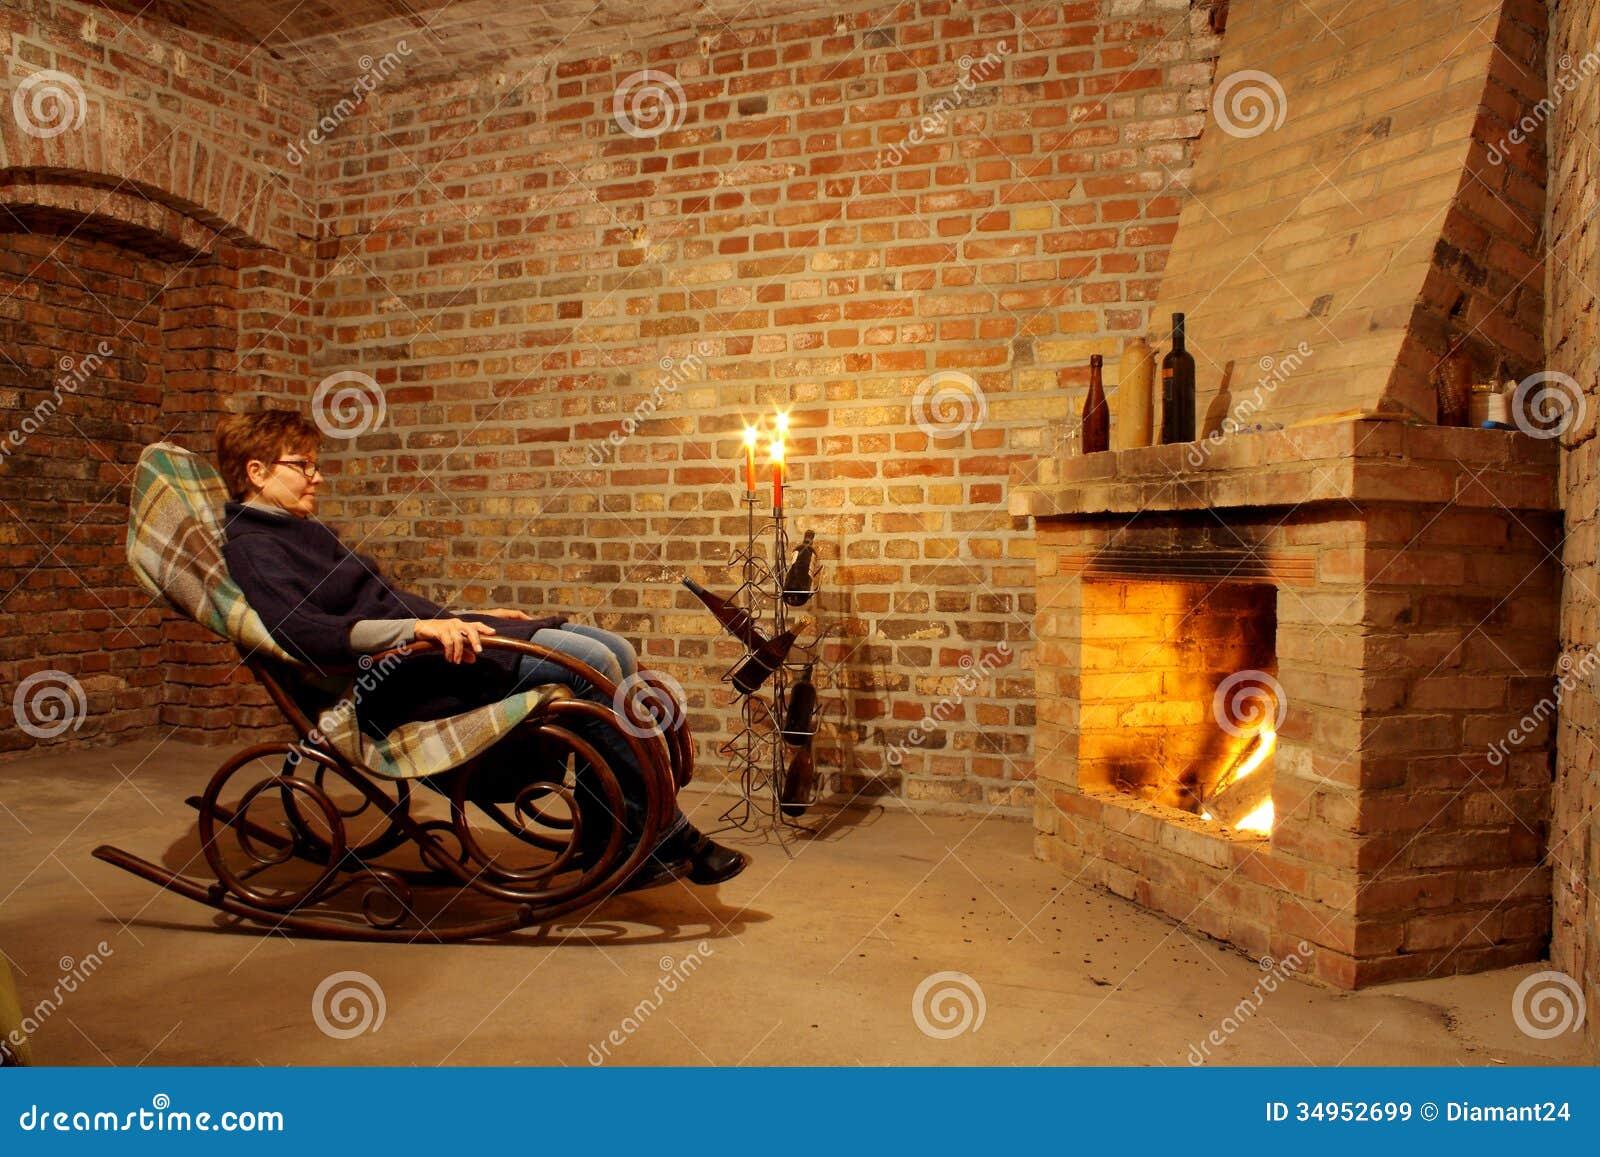 frau im schaukelstuhl durch den kamin mit candl stockbild bild von kerzen kamin 34952699. Black Bedroom Furniture Sets. Home Design Ideas